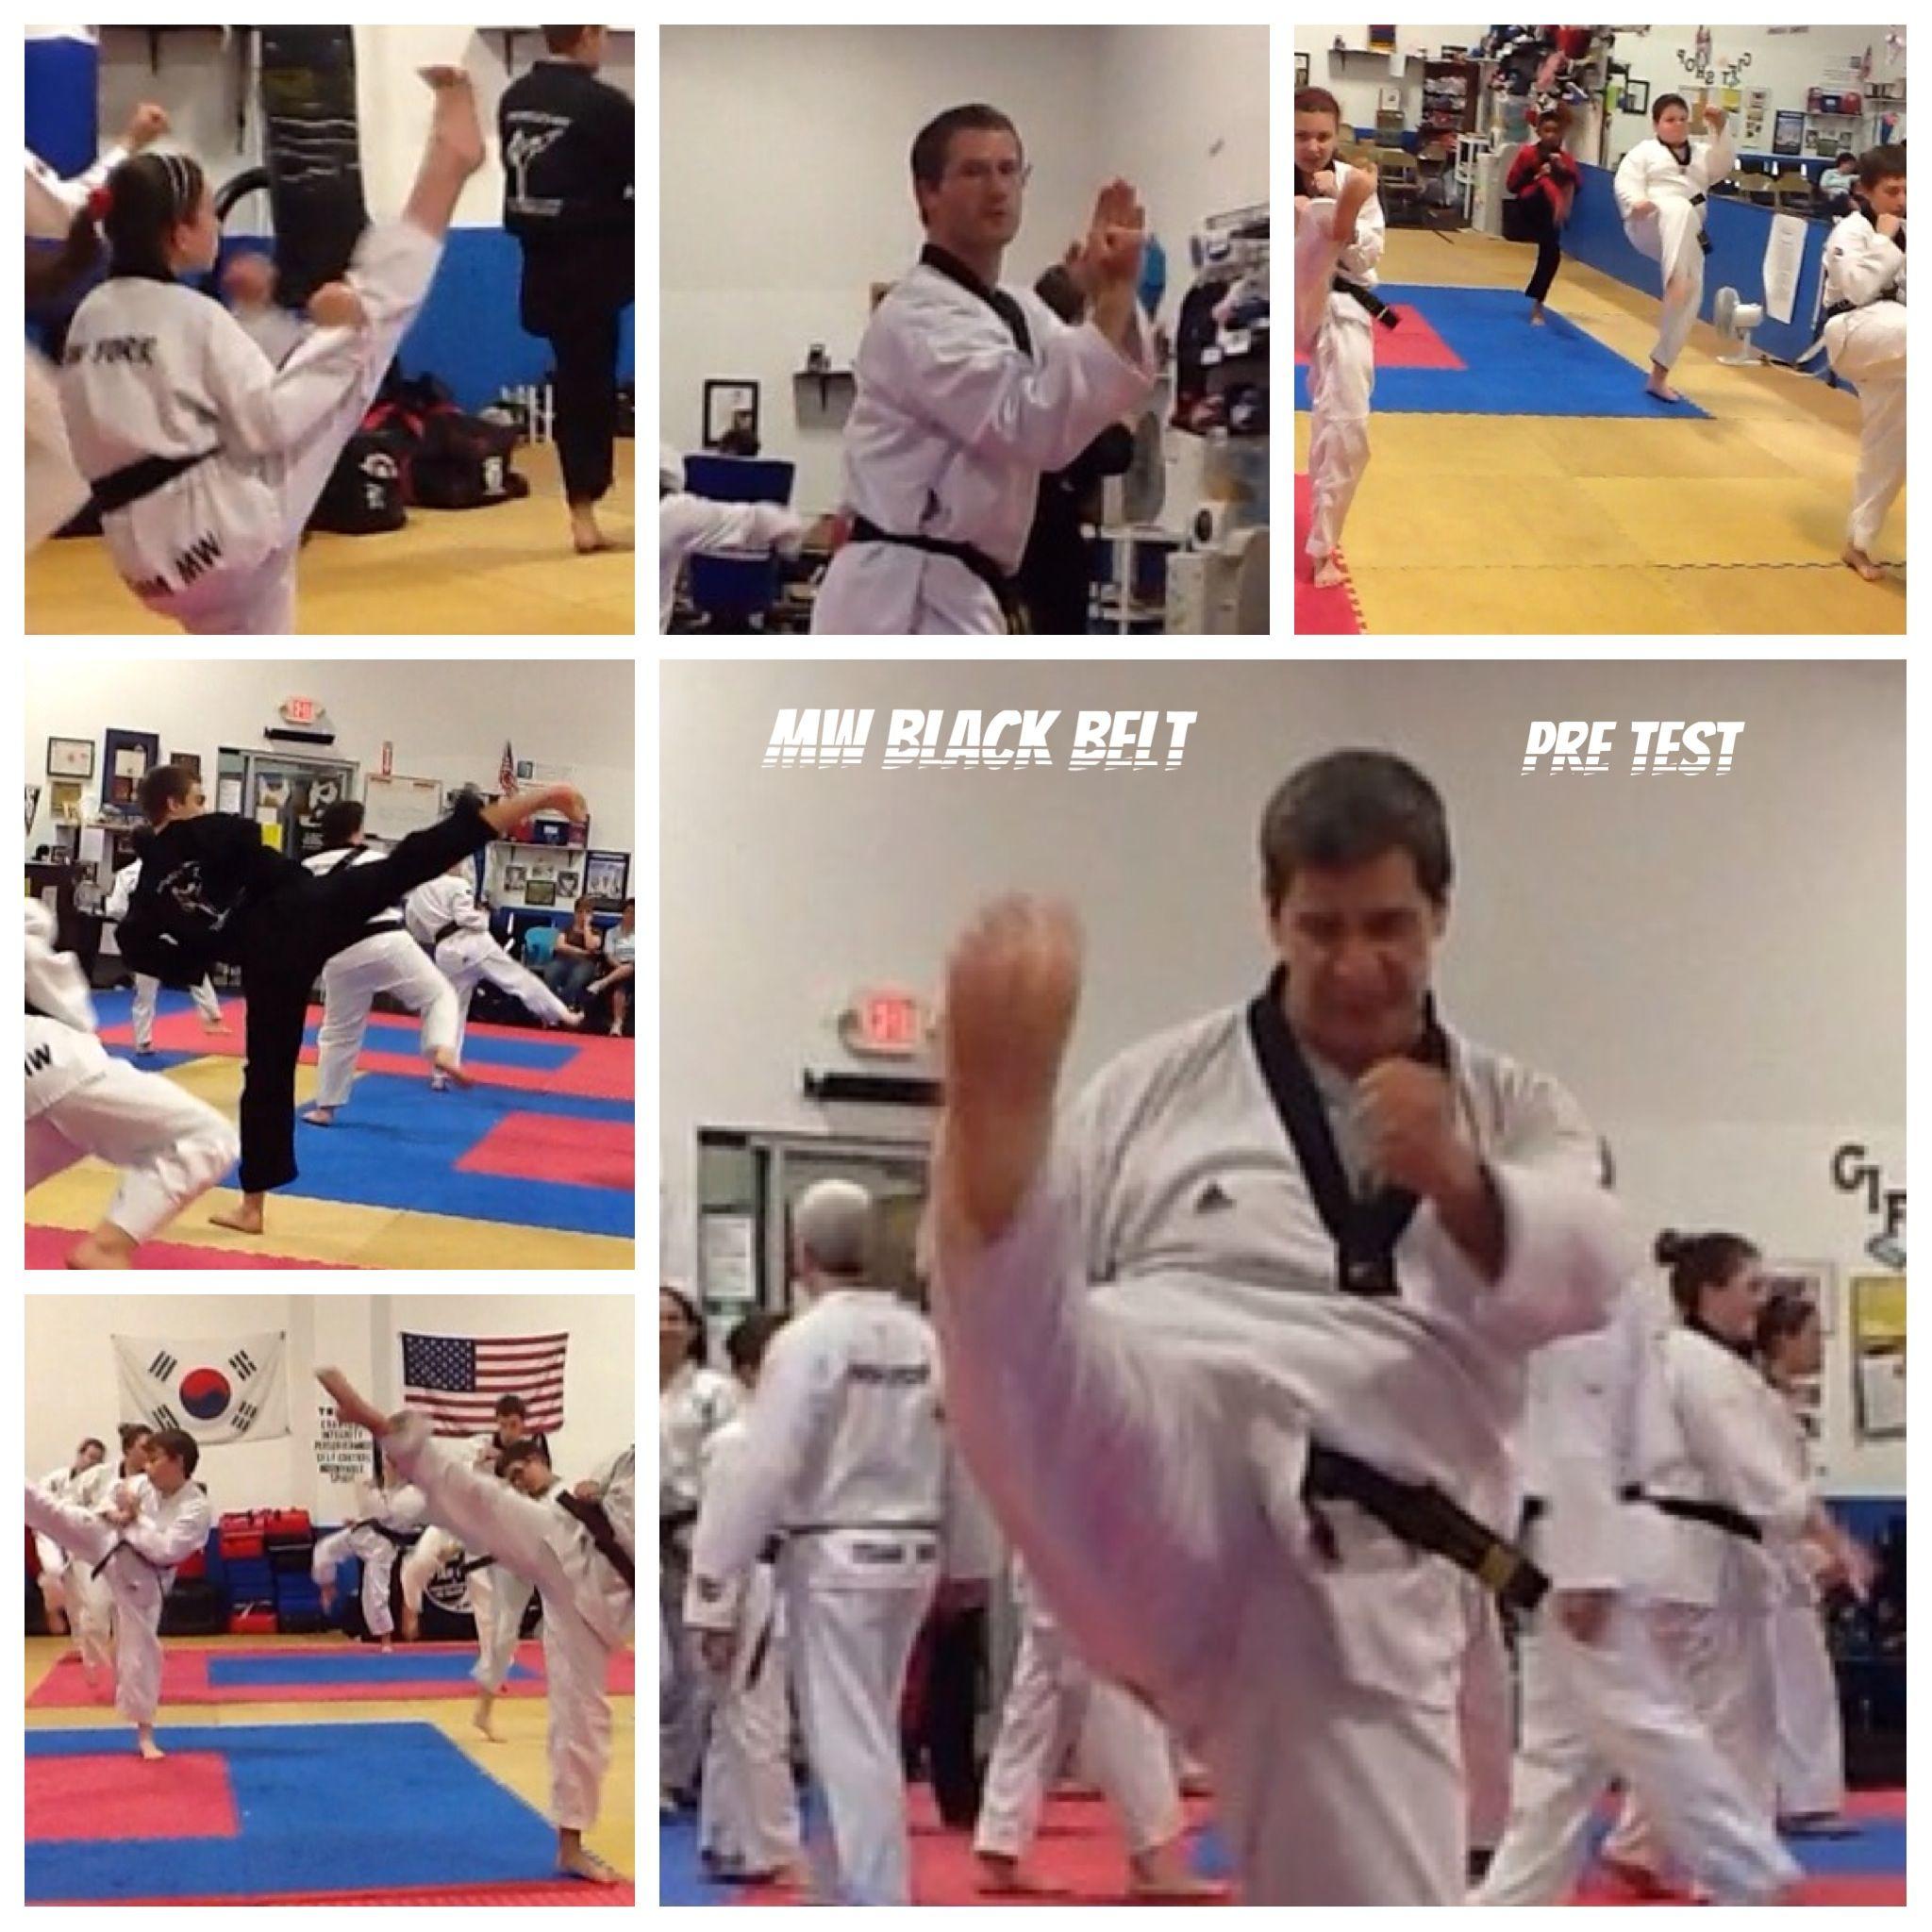 34+ Premier martial arts bedford ideas